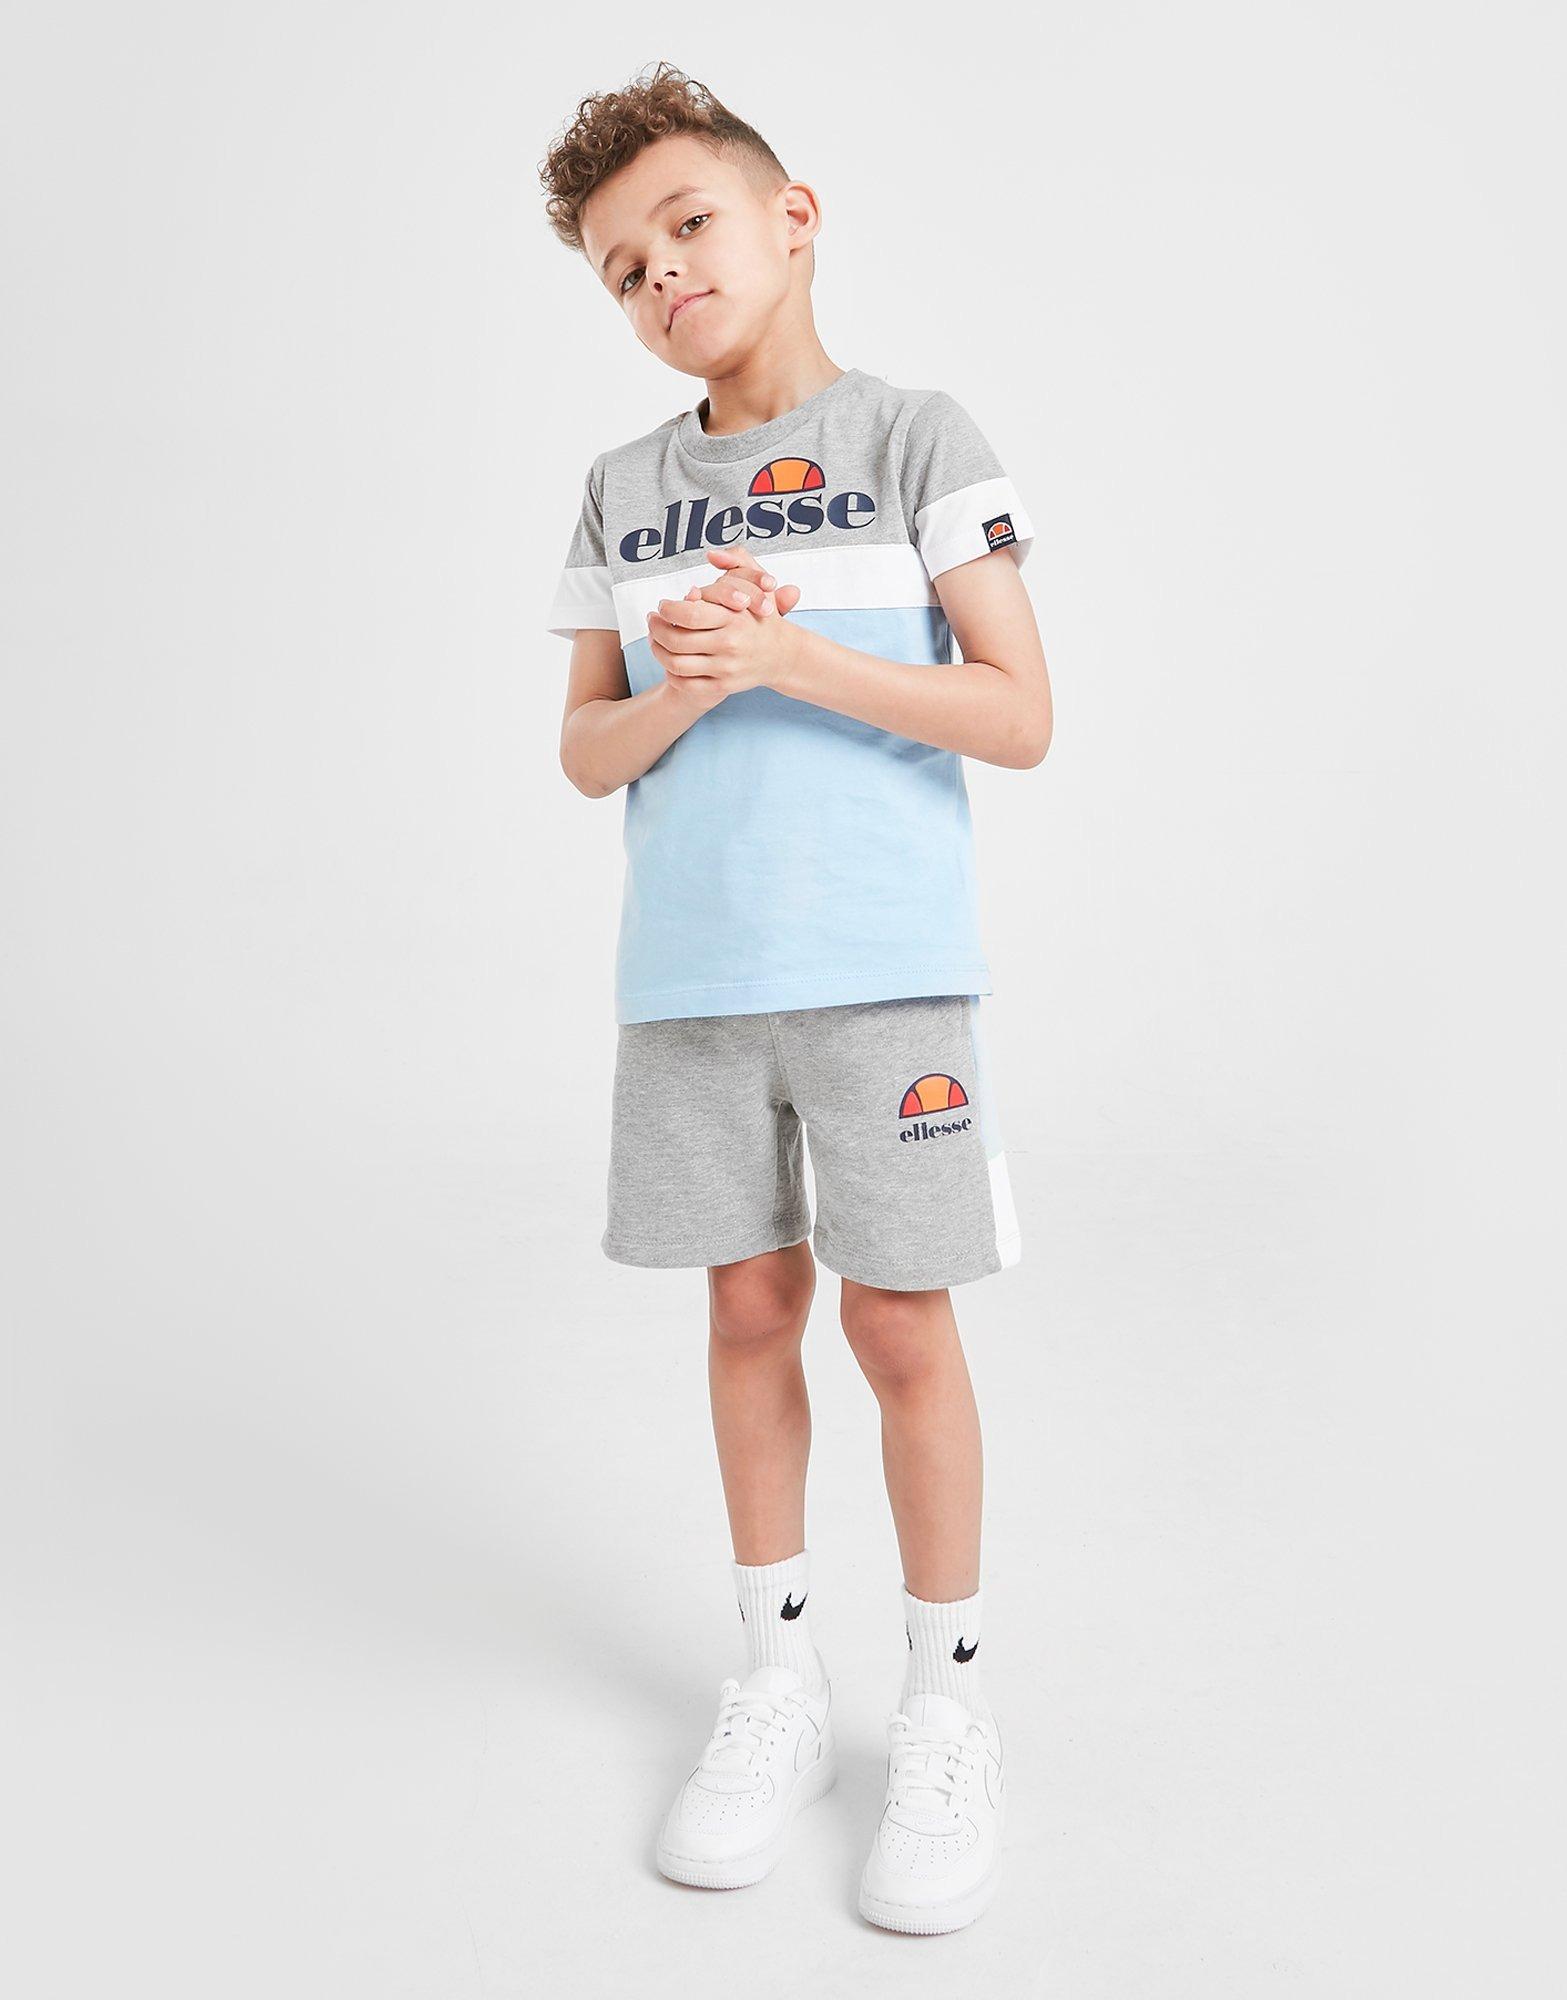 Enfant Ellesse Vêtements Bébé (0 3 ans)   JD Sports